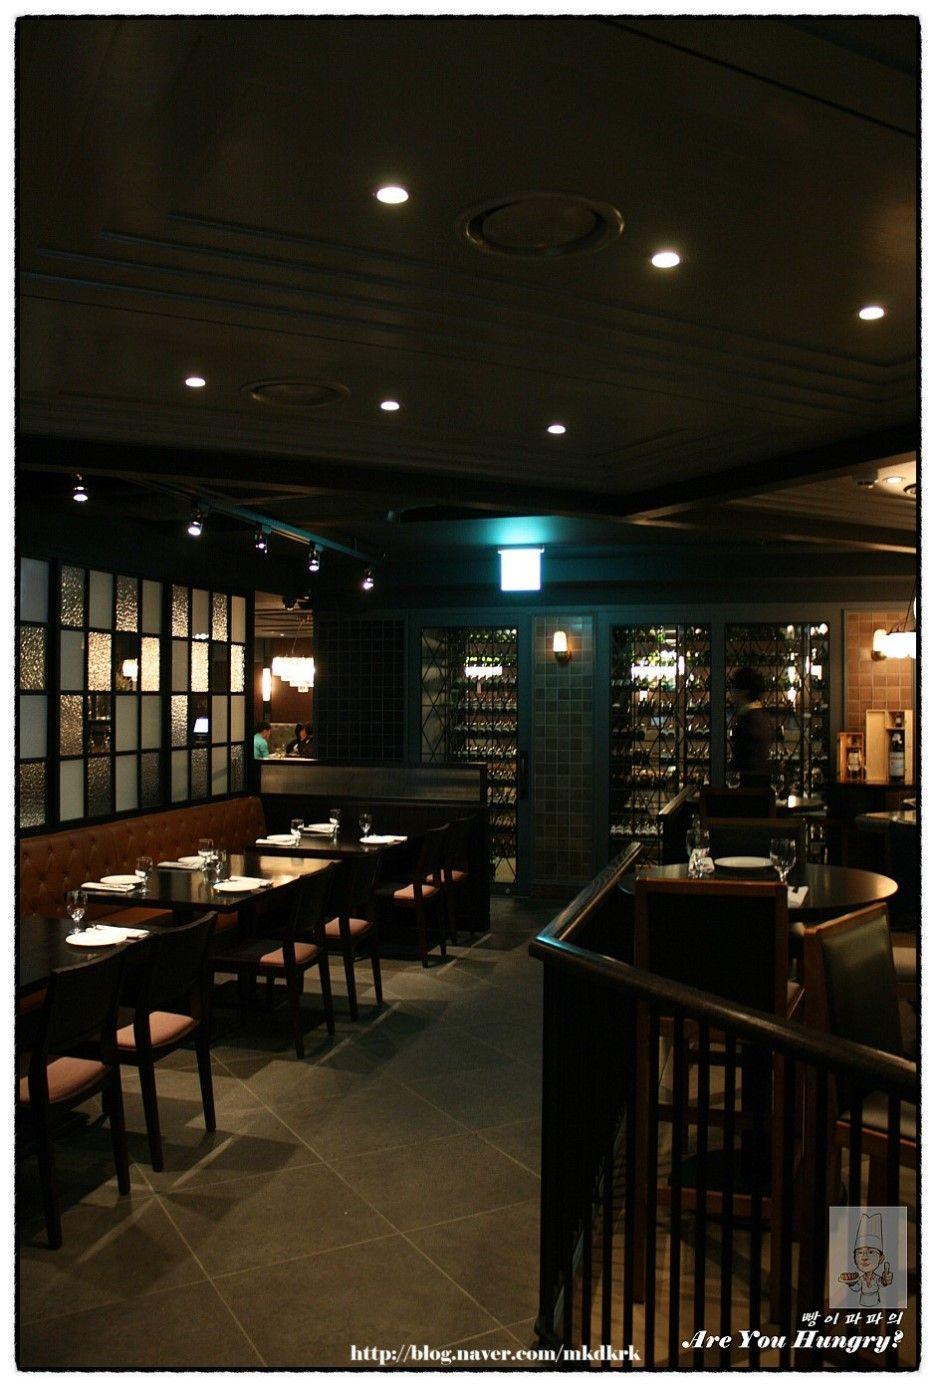 [삼성동맛집]붓처스컷 - 주말 브런치 부페가 아주아주 매력적인 스테이크 하우스,,, - 삼성 지역 추천맛집 붓처스컷 후기